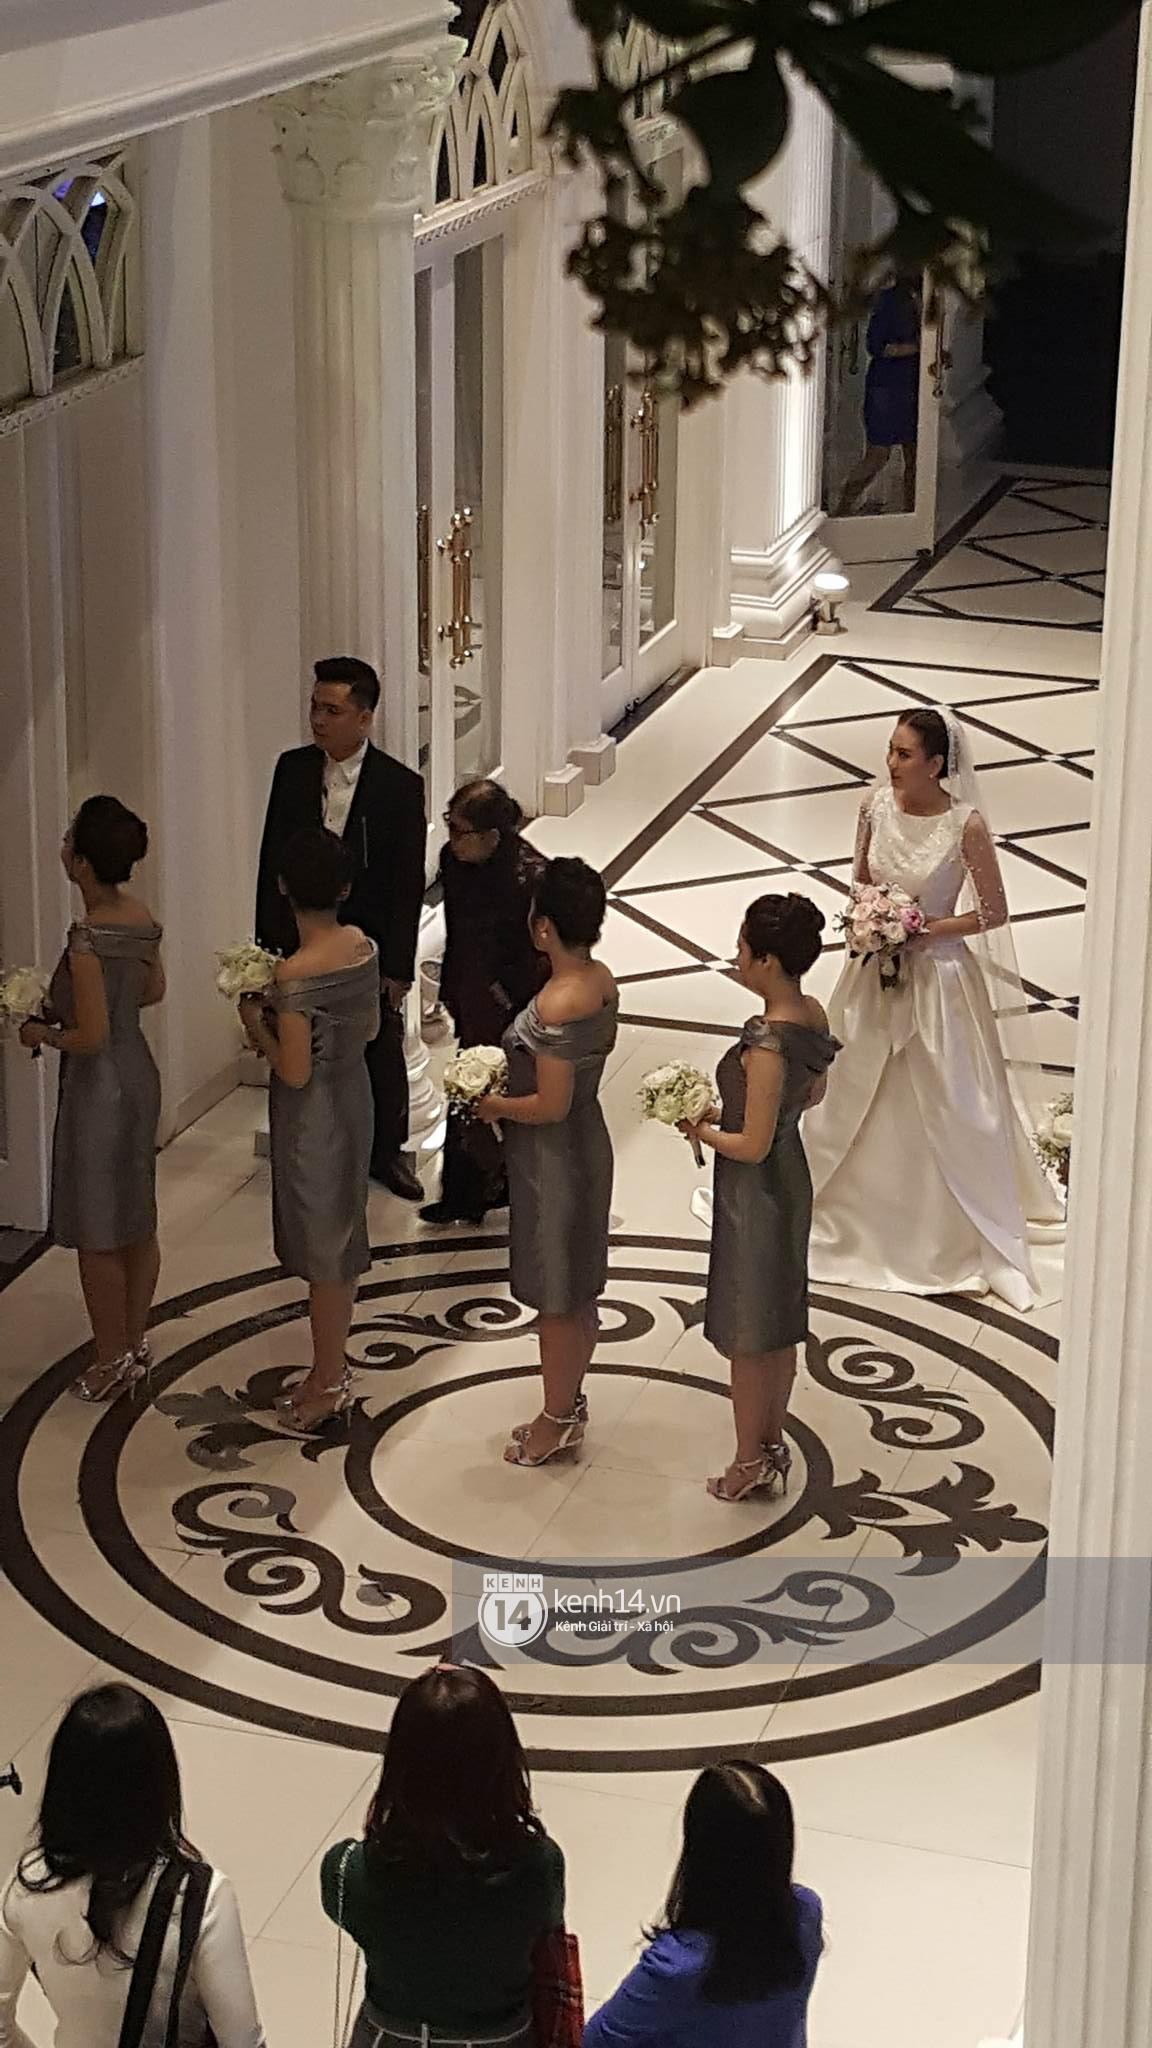 Đám cưới MC Mai Ngọc: Không gian lộng lẫy, cầu kỳ, xứng đáng là đám cưới sang chảnh nhất Hà Nội hôm nay - Ảnh 12.